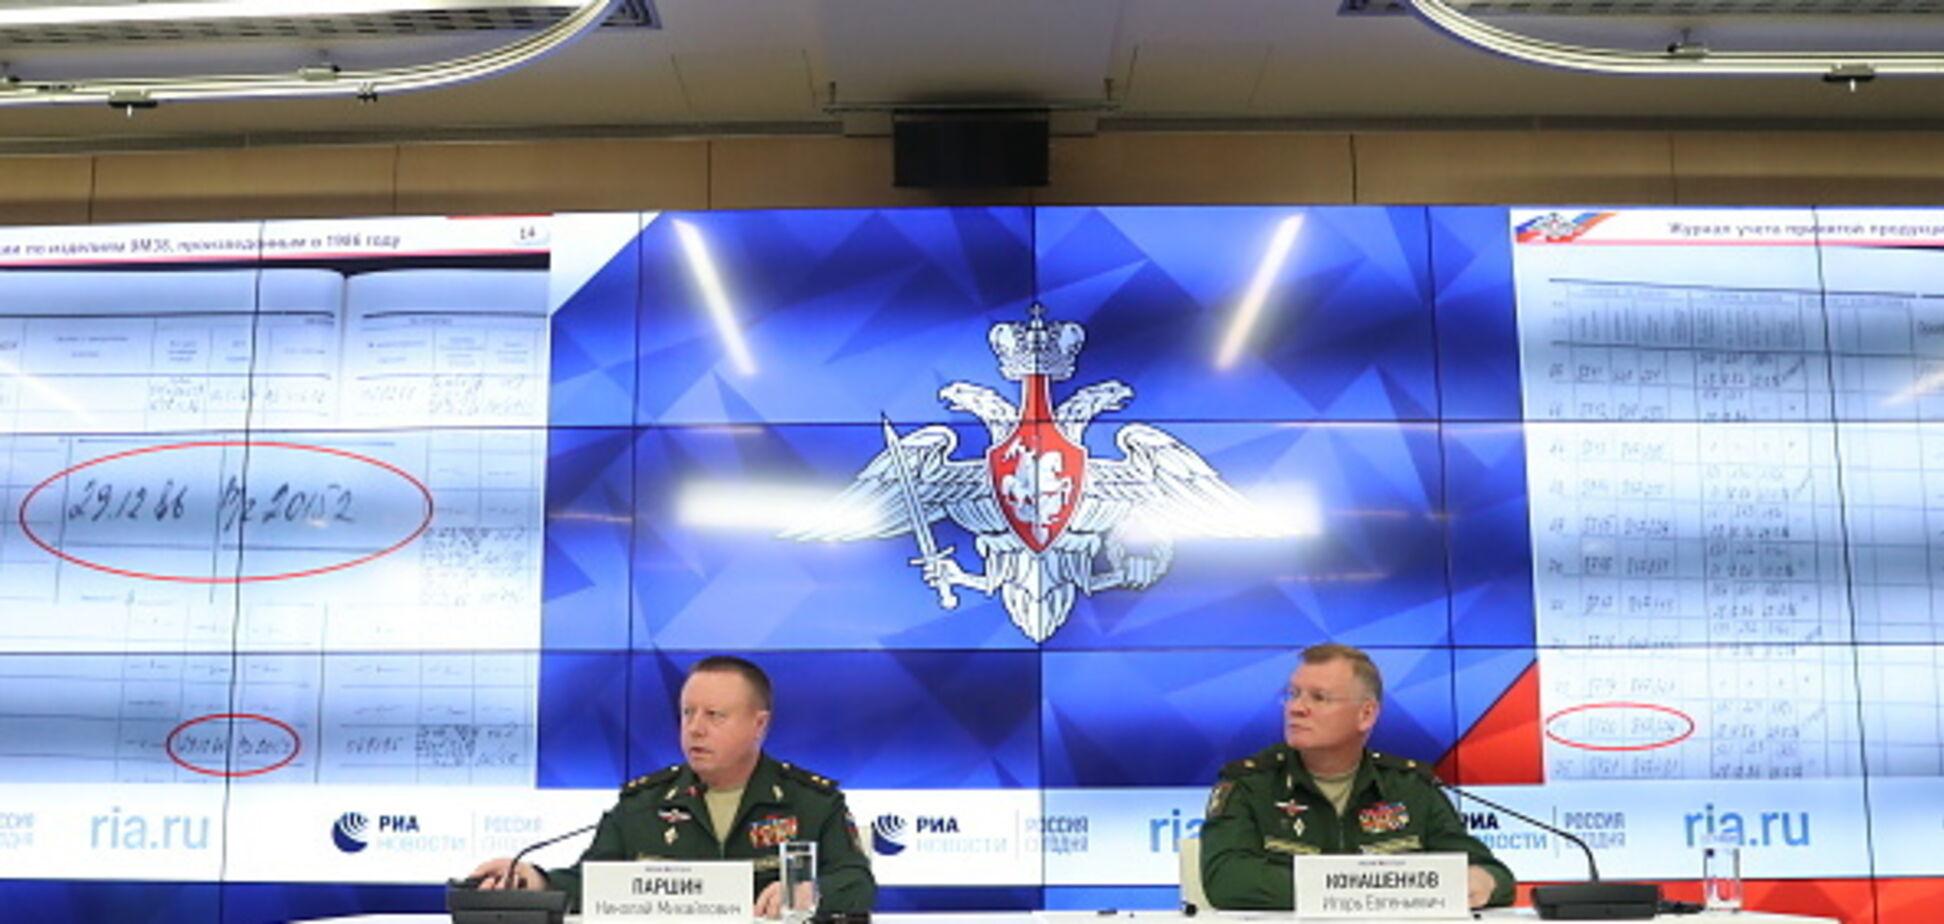 Раскрыта дерзкая цель фейка Минобороны РФ по MH17